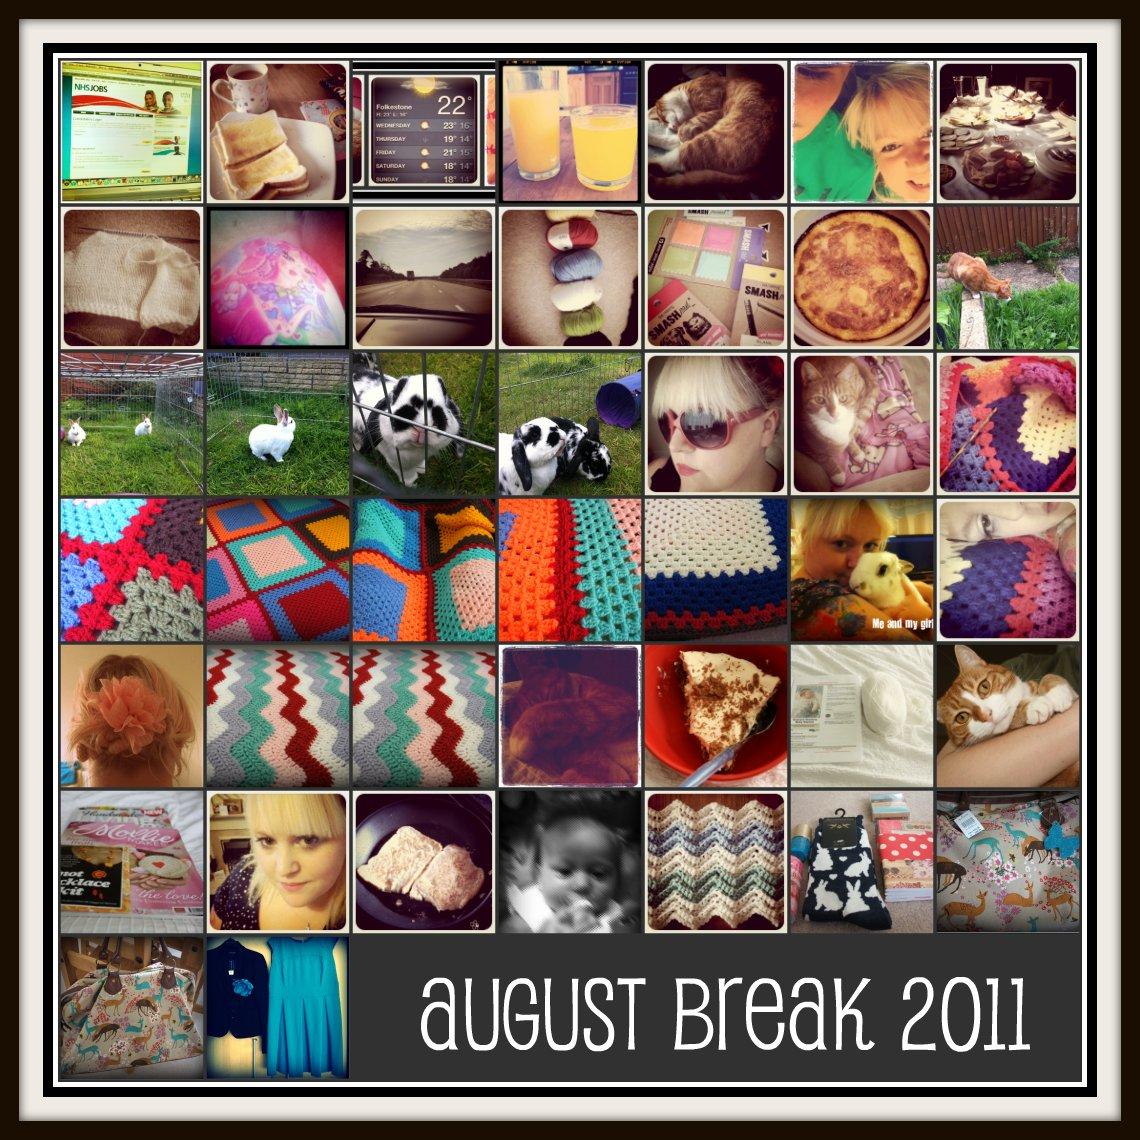 August Break Collage